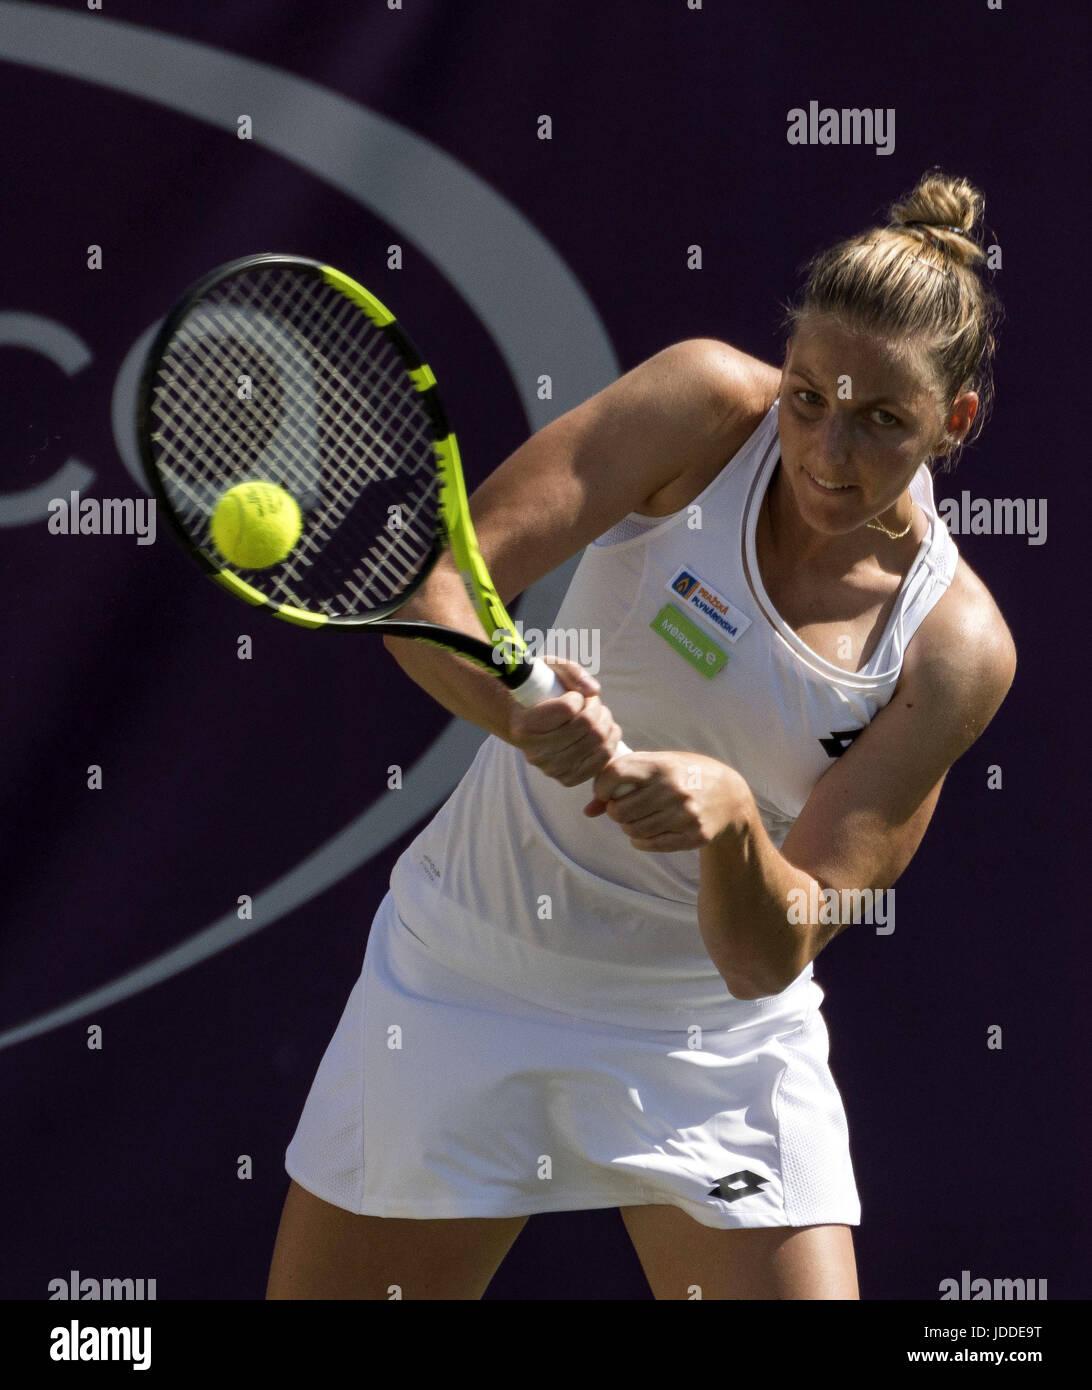 Anastasija Sevastova Joueur De Tennis Tchque Renvoie La Balle Timea Babos Hongrois Au Cours Premire Ronde LOpen WTA Dans Mallorca